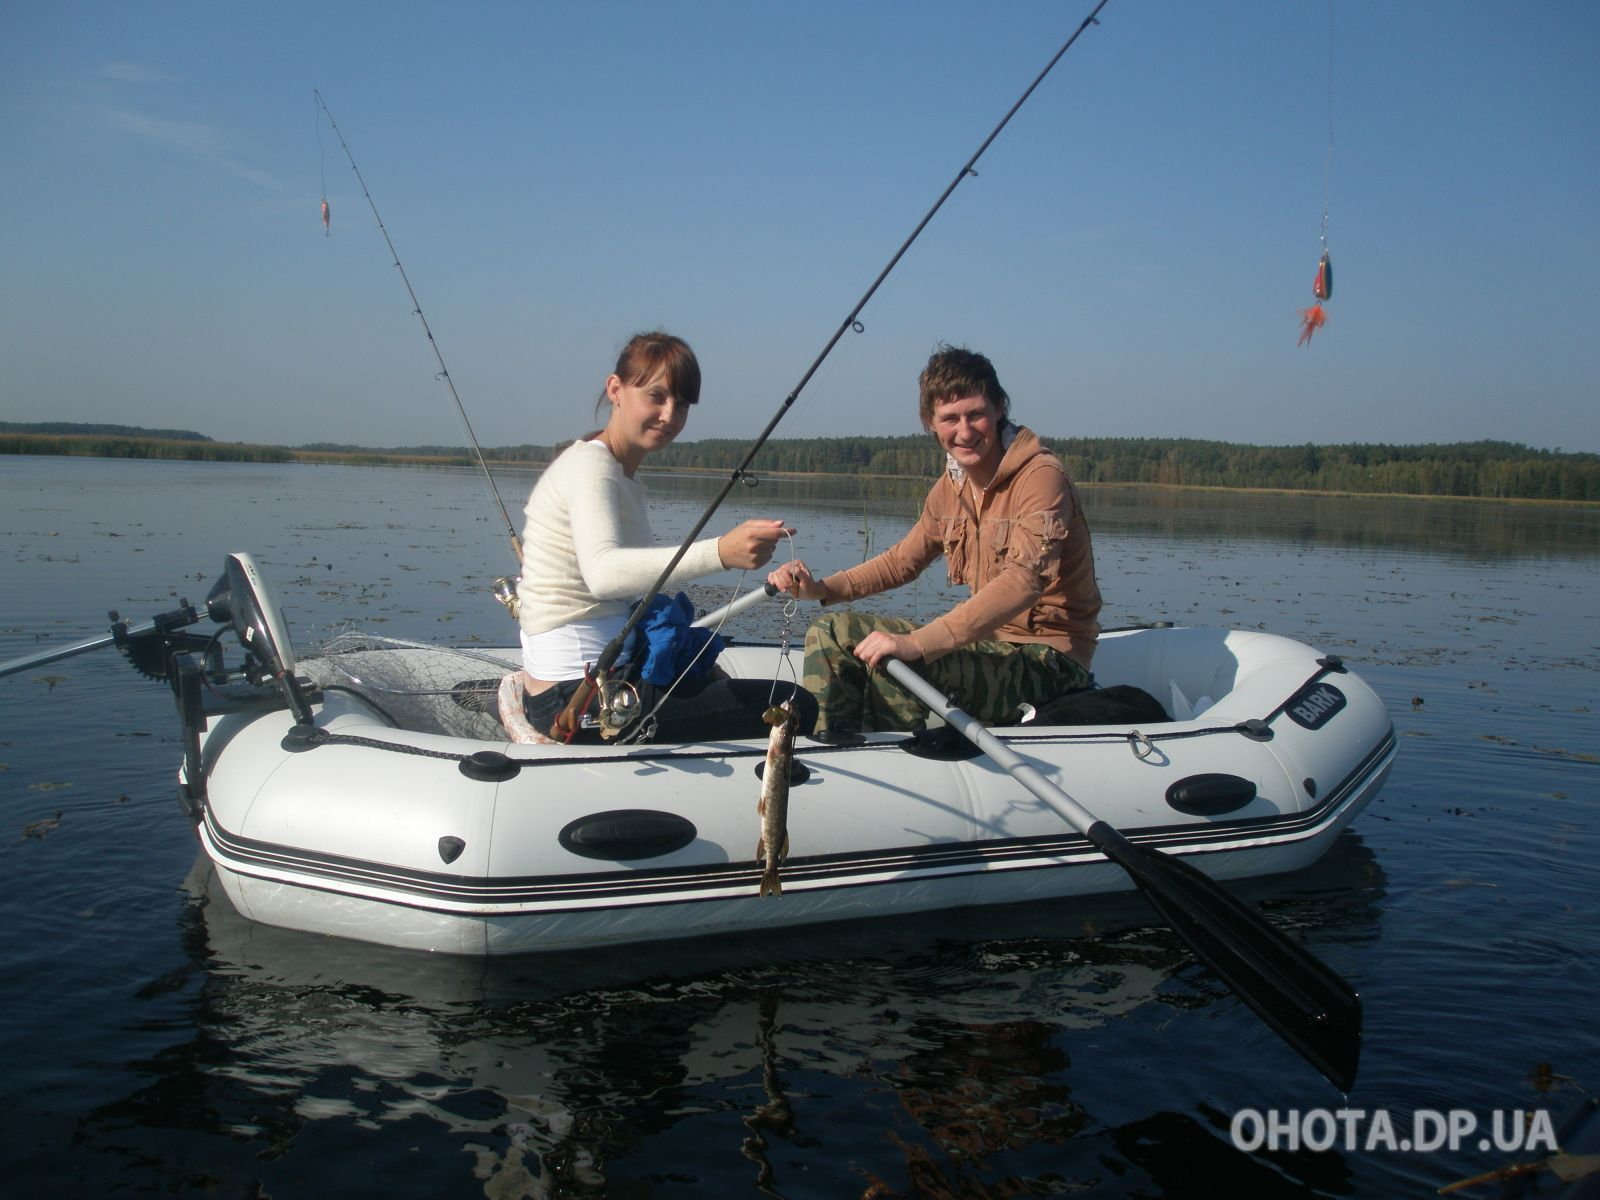 лучшая пвх лодка для рыбалки вдвоем